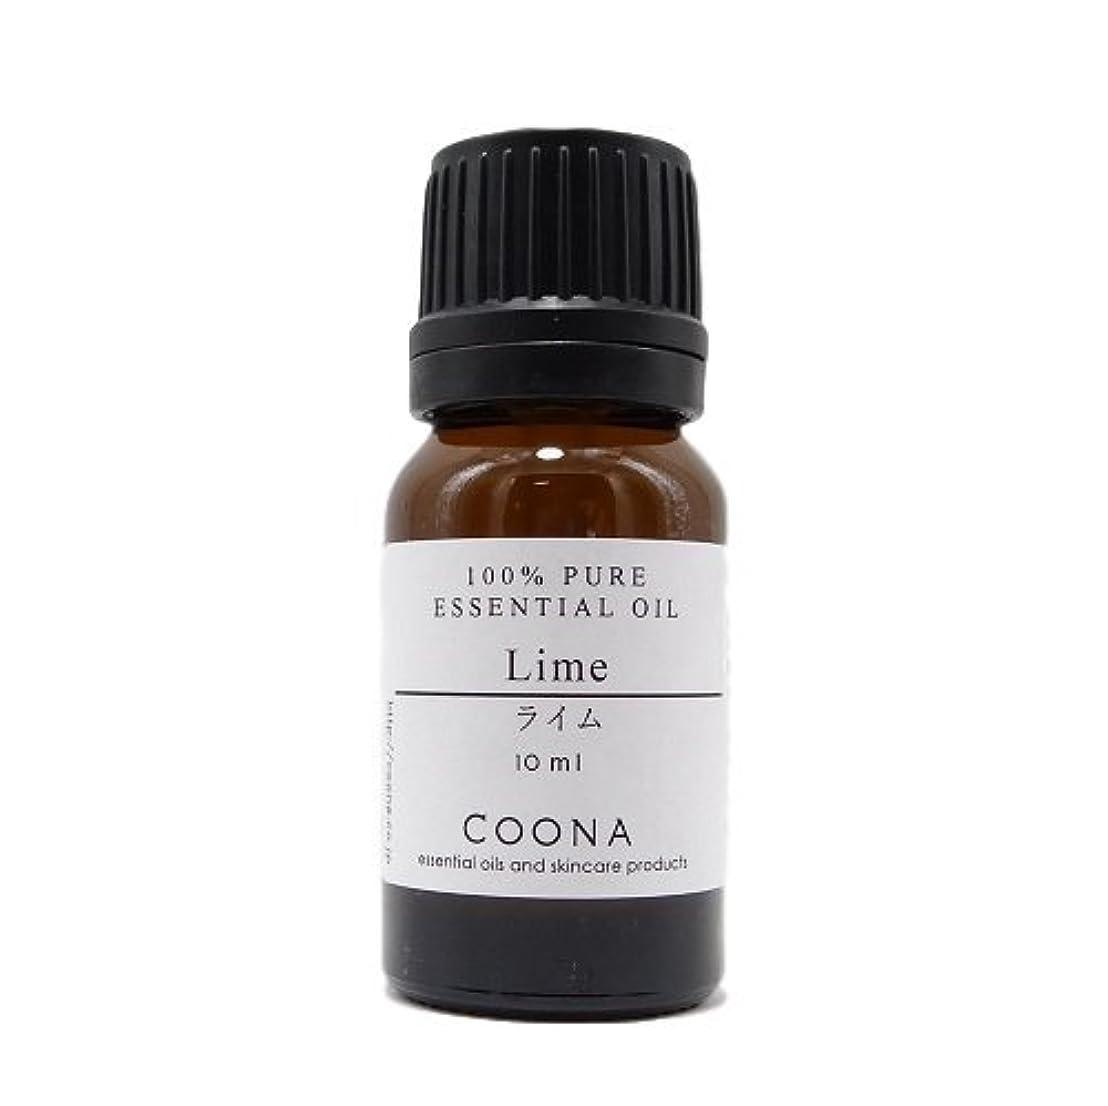 バイソン不健全そよ風ライム 10 ml (COONA エッセンシャルオイル アロマオイル 100%天然植物精油)